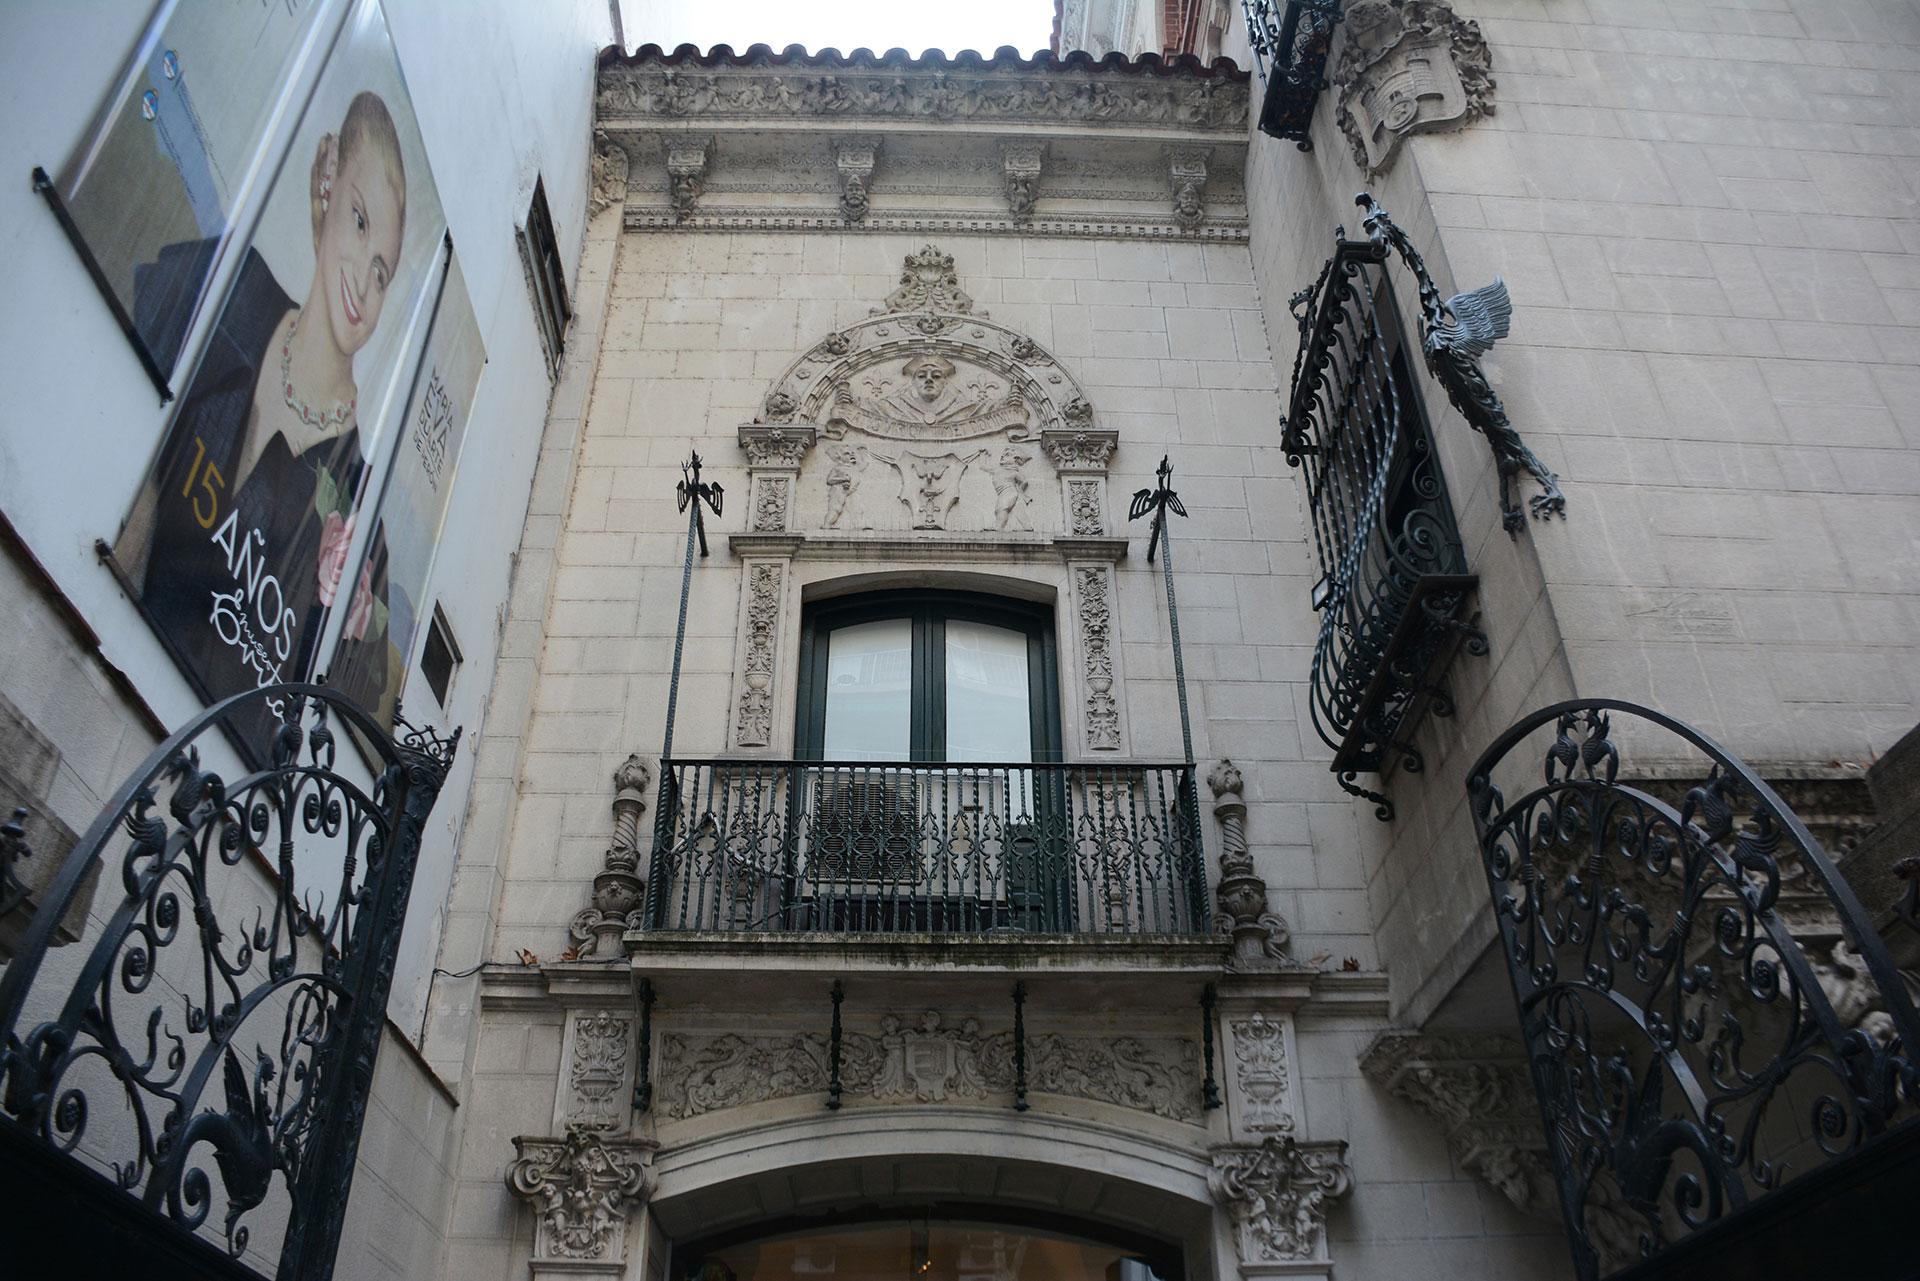 Esta obra de remodelación conjugaba elementos platerescos y del renacimiento español e italiano en un desarrollo de tres niveles y torre